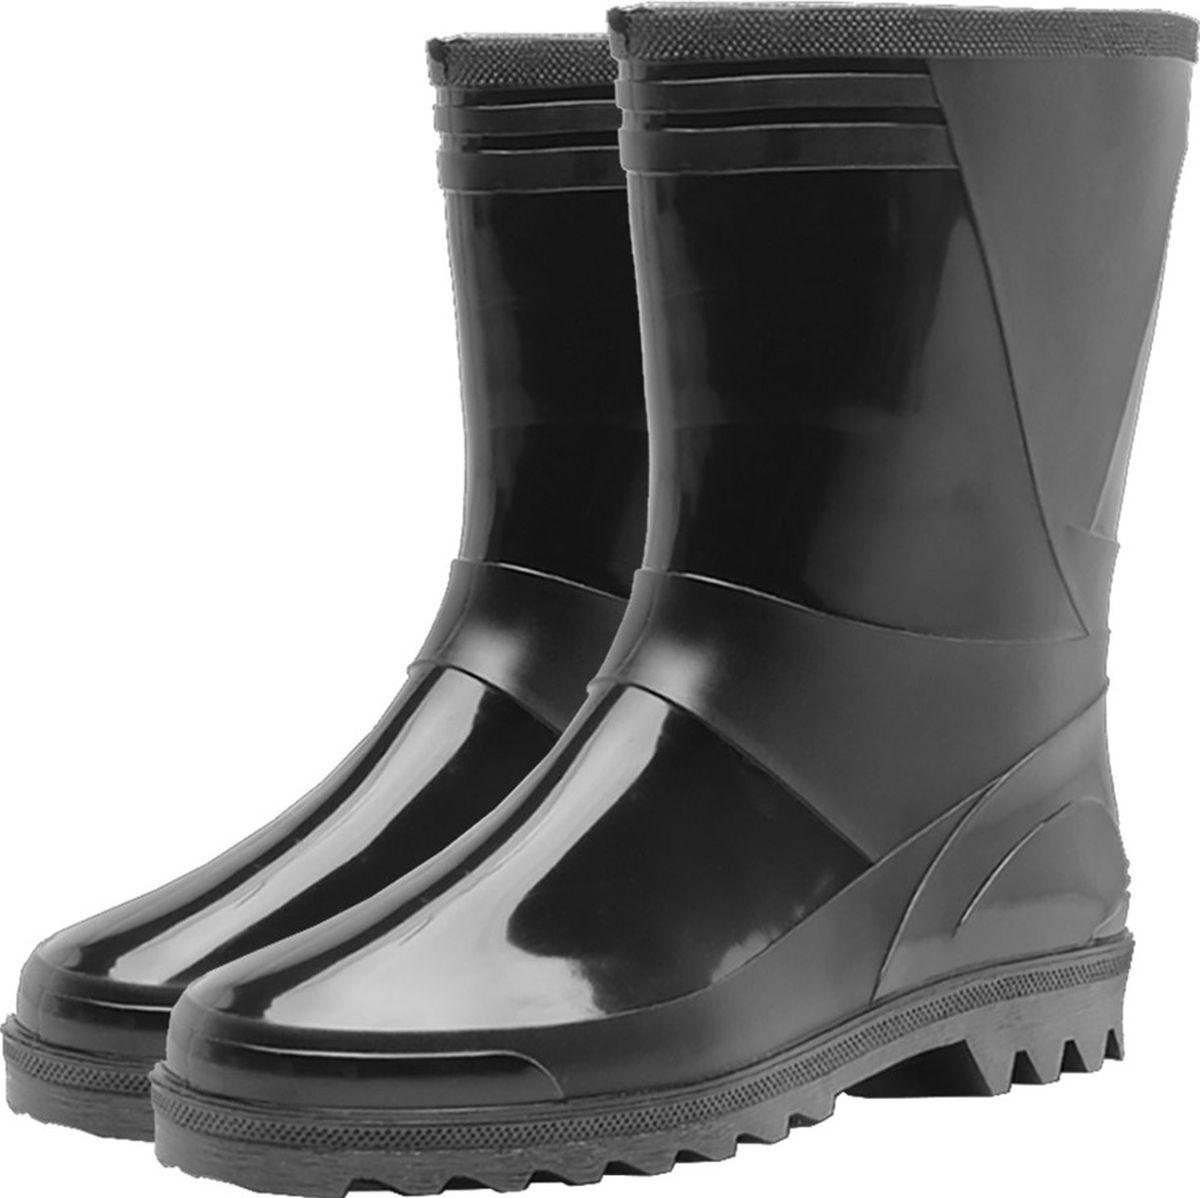 Сапоги мужские Дюна, цвет: черный. 140-901-00. Размер 45 huili мужские дождевые сапоги водонепроницаемая противоскользящая непромокаемая обувь